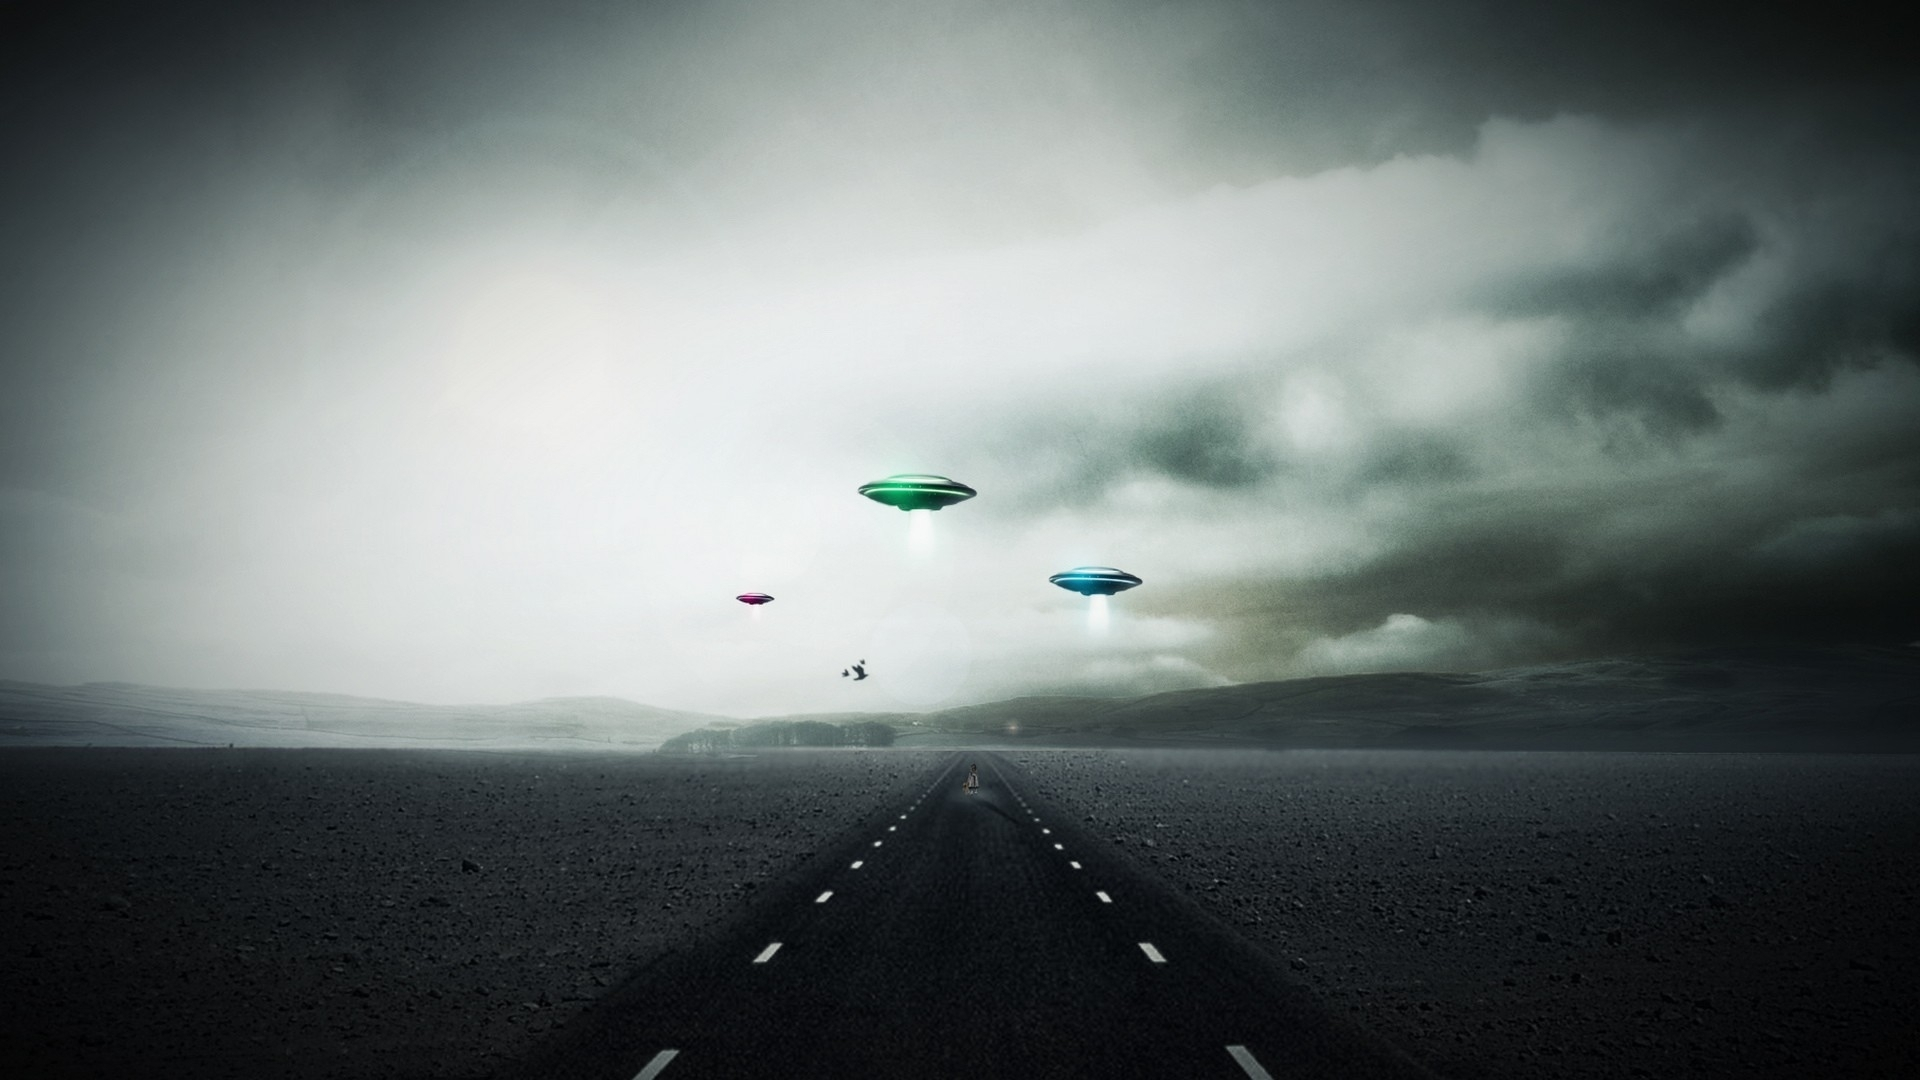 Ufo Alien Wallpaper